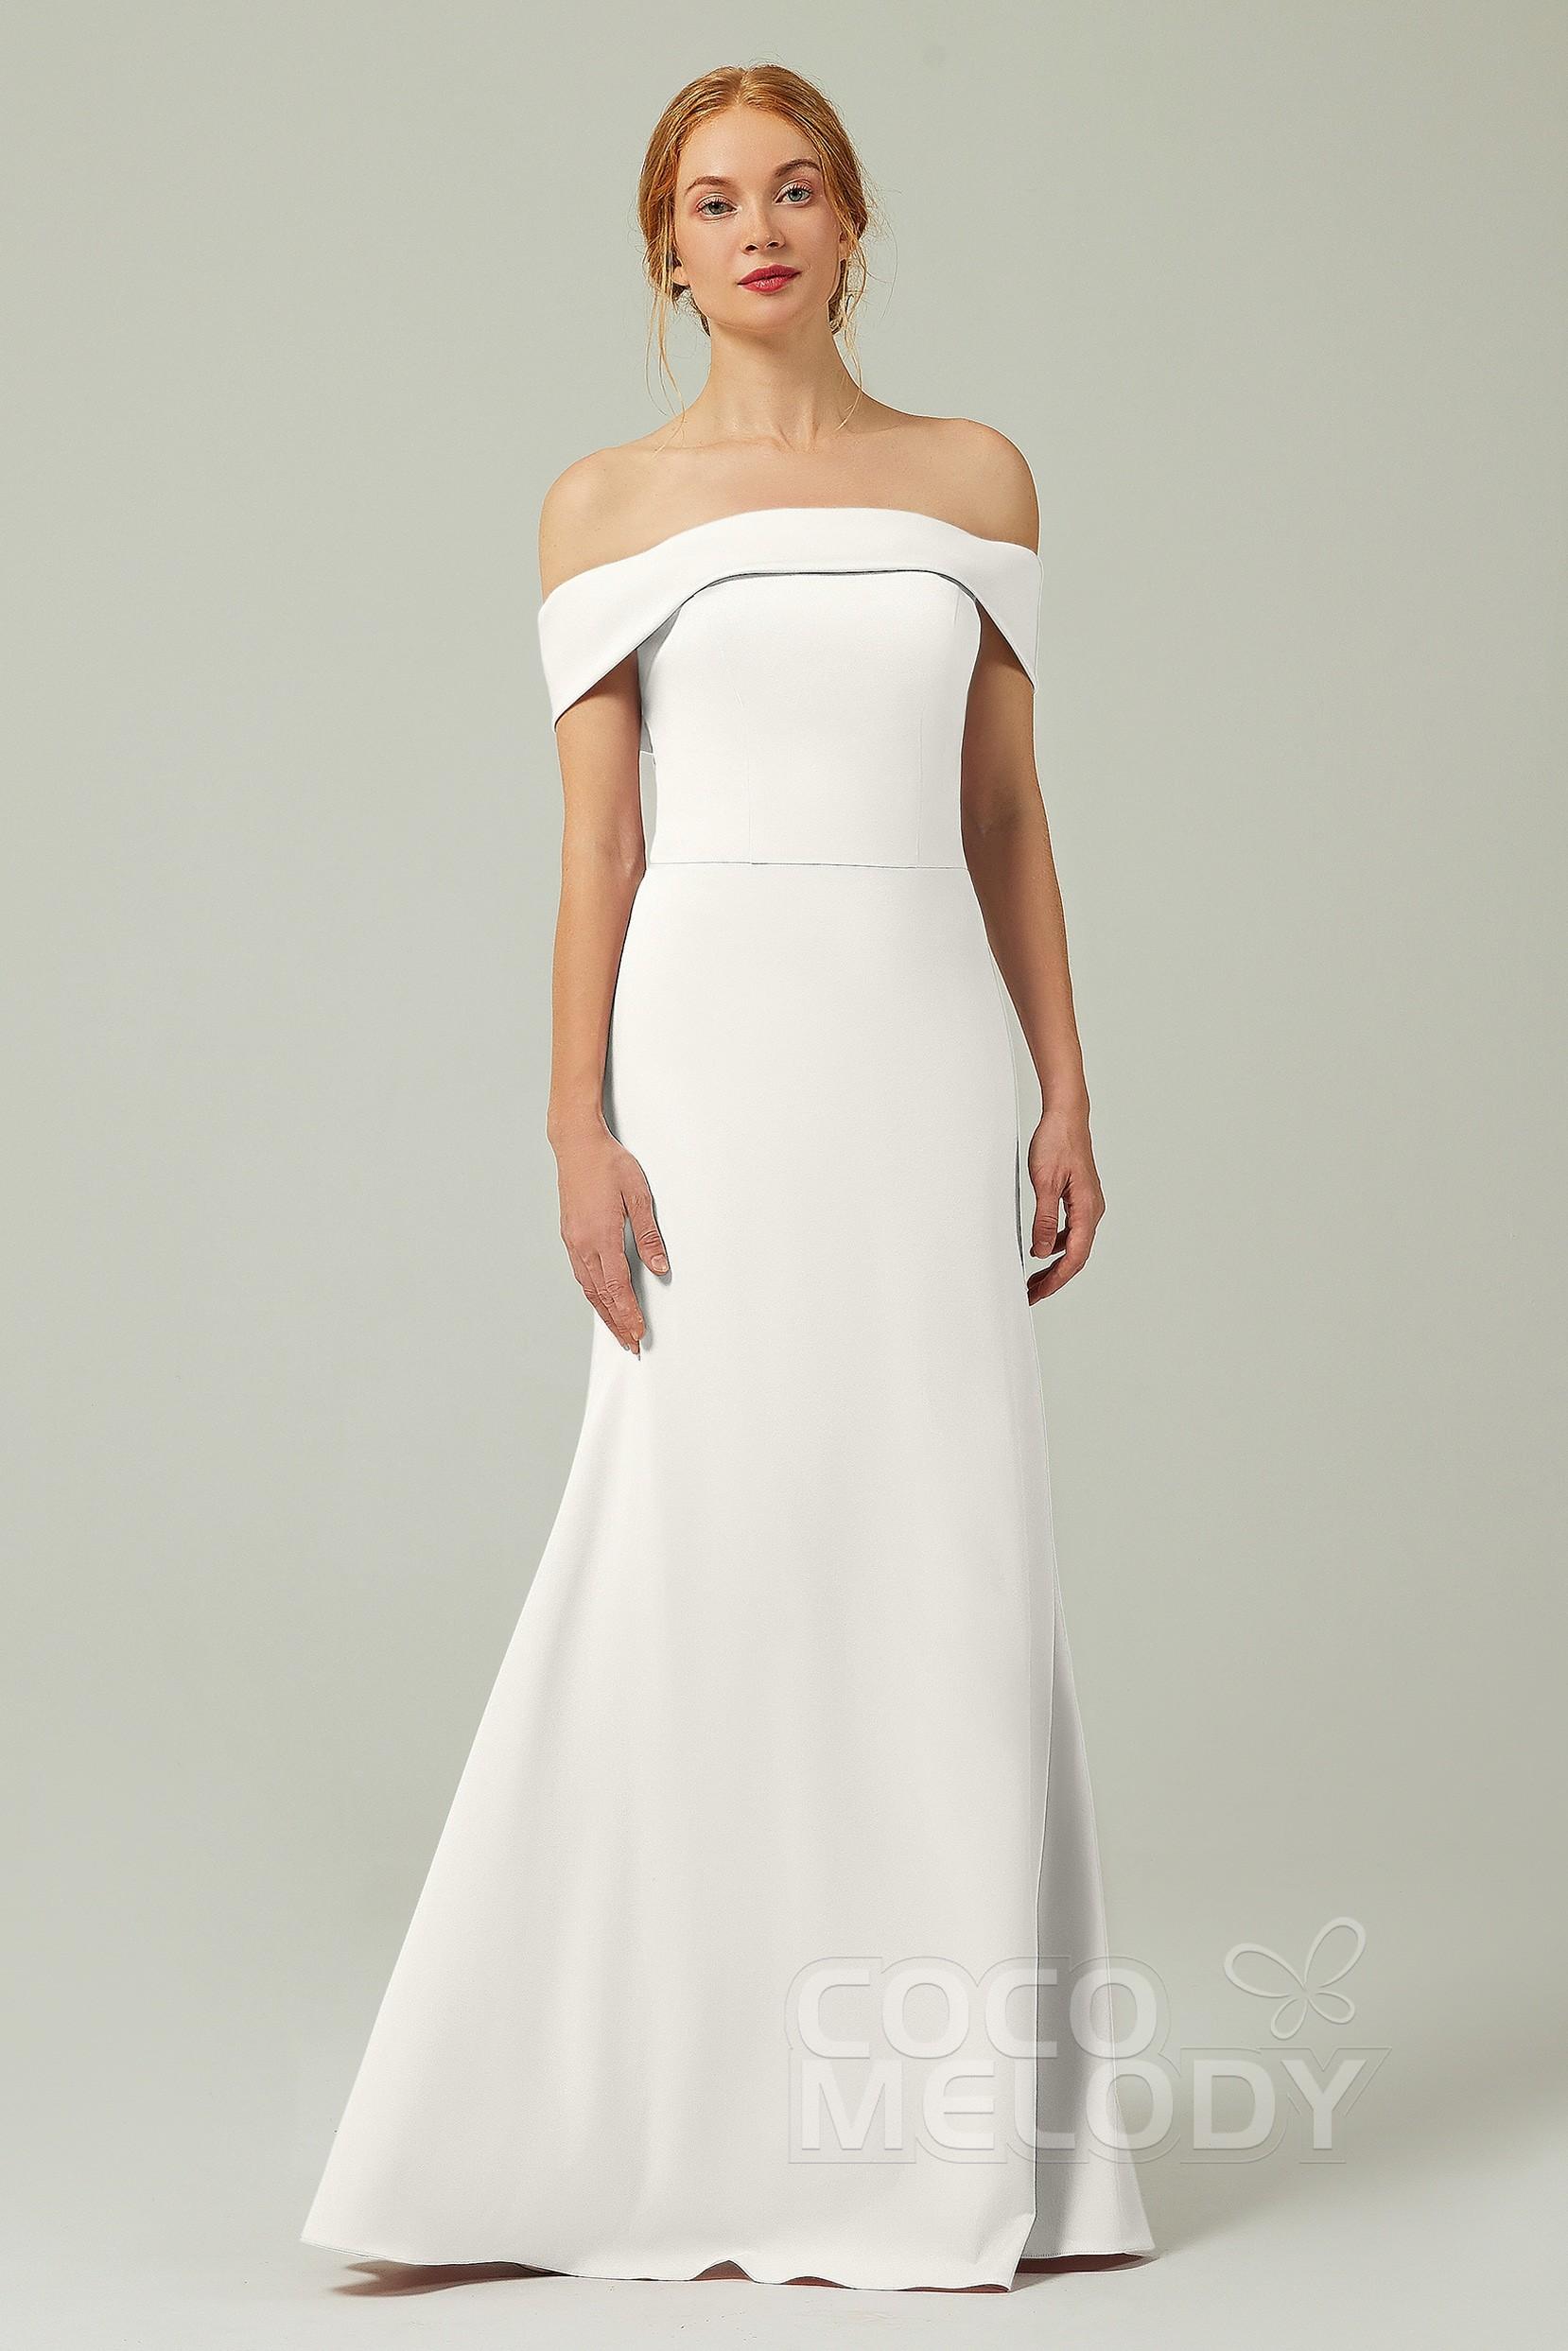 Elegant Off Shoulder Knitted Zipper Buttons Wedding Dress Cb0346